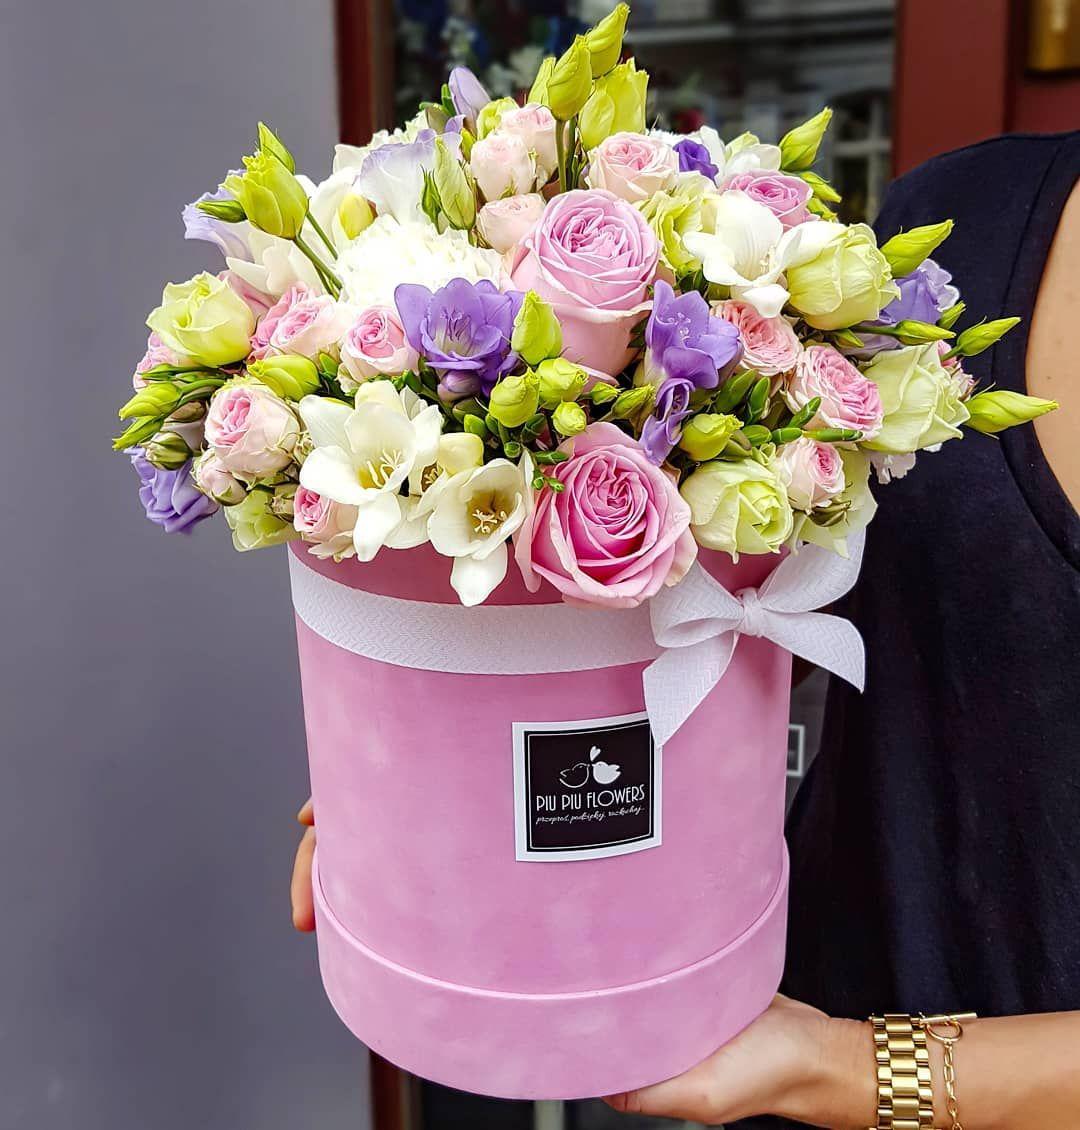 Za Oknem Szaro I Buro I To Chyba Najlepszy Argument Aby Podarowac Ukochanej Osobie Takie Bajecznie Kolorowy Flowers Box Pelen Kwiatow Popr Planter Pots Planters